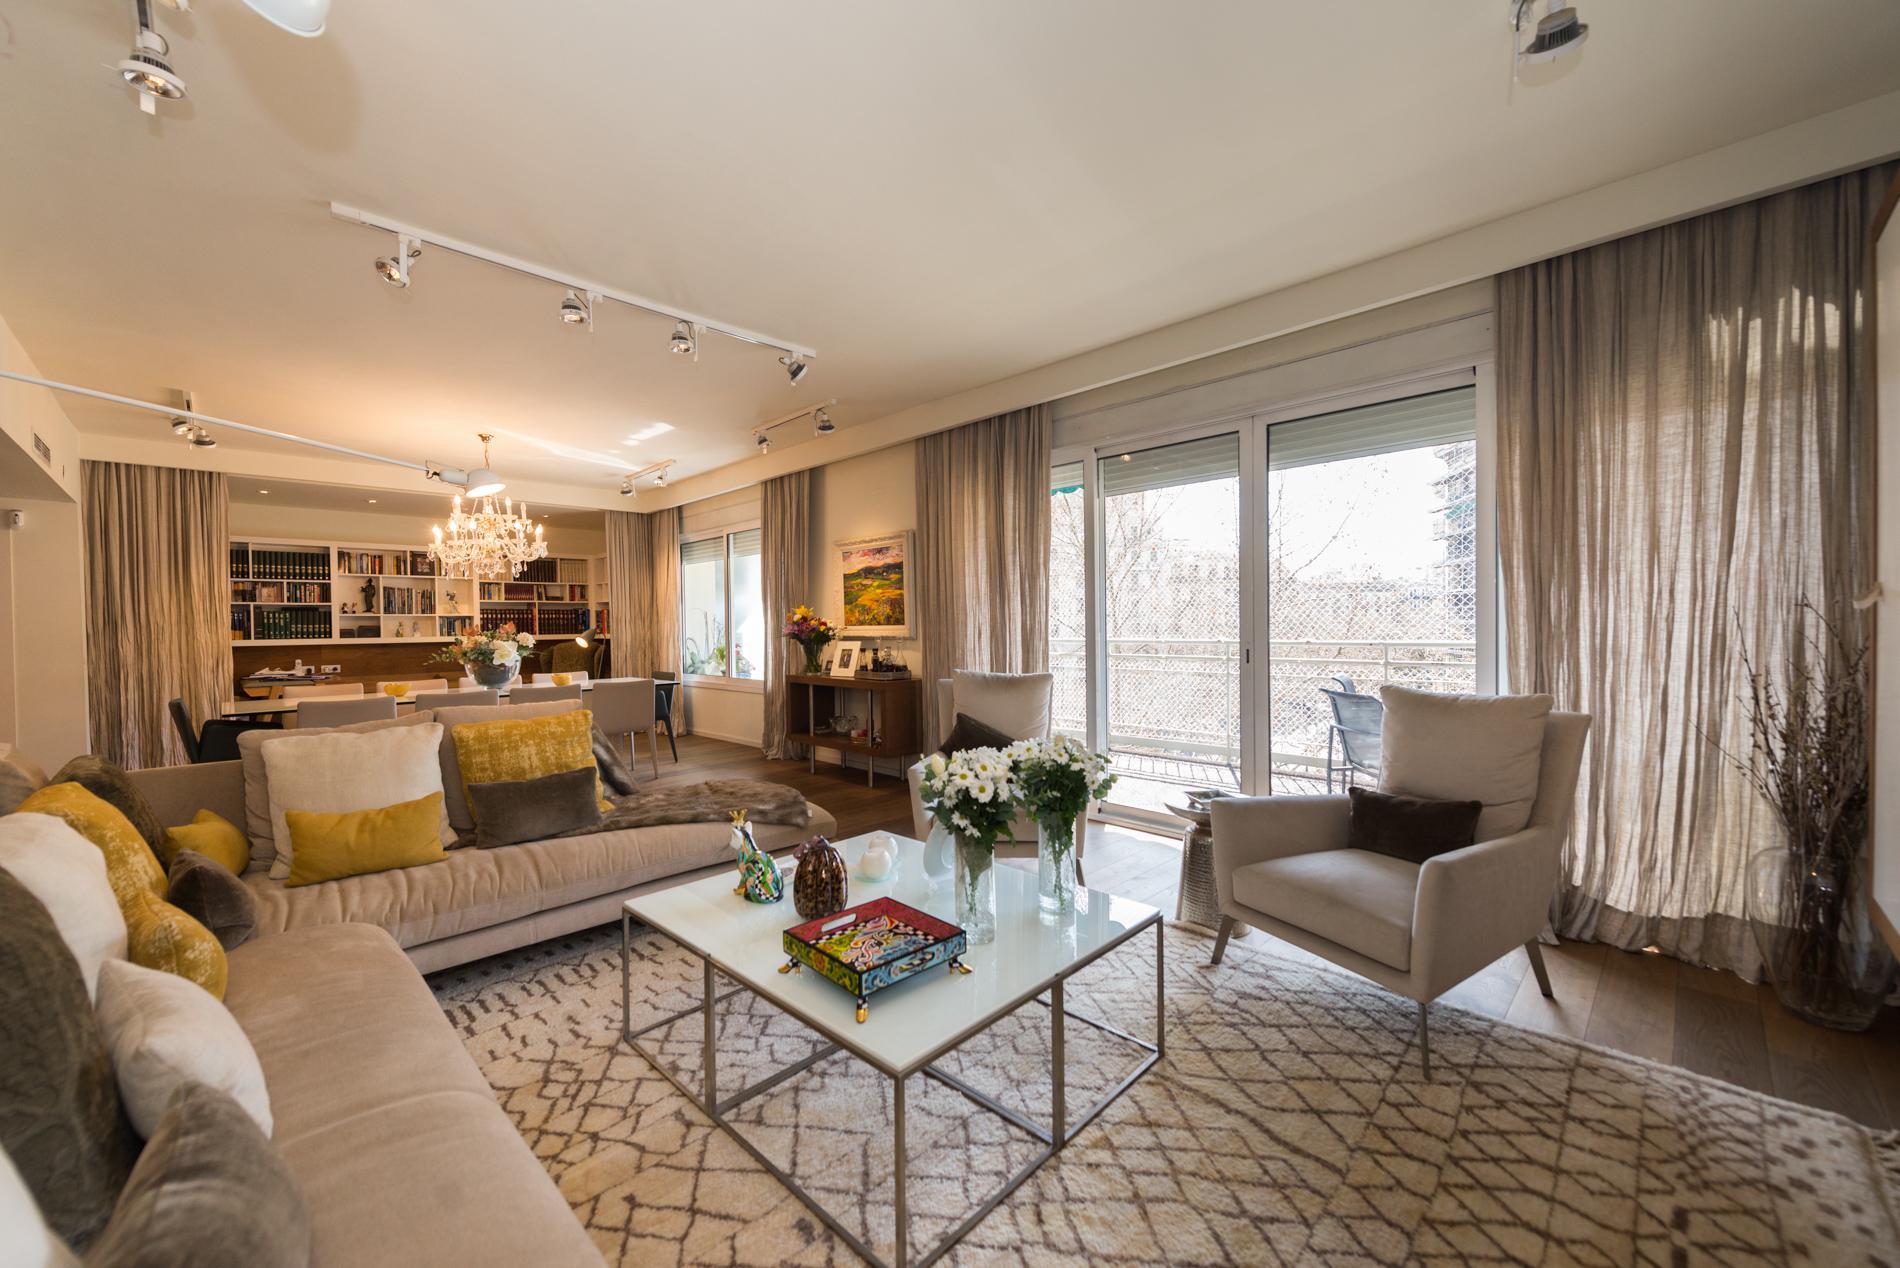 222426 Apartment for sale in Eixample, Dreta Eixample 2